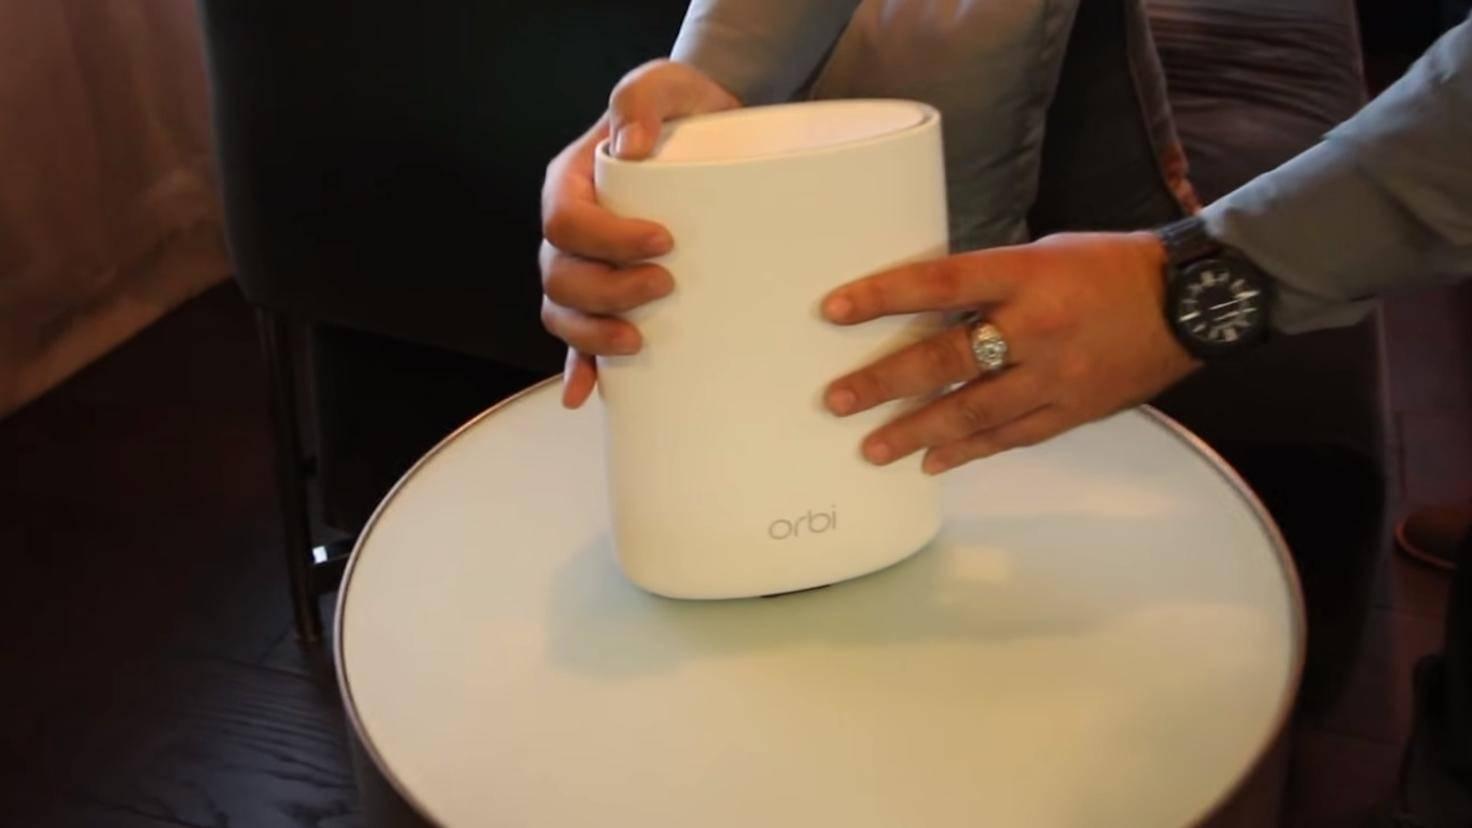 Orbi-Mesh-Router-RBK50